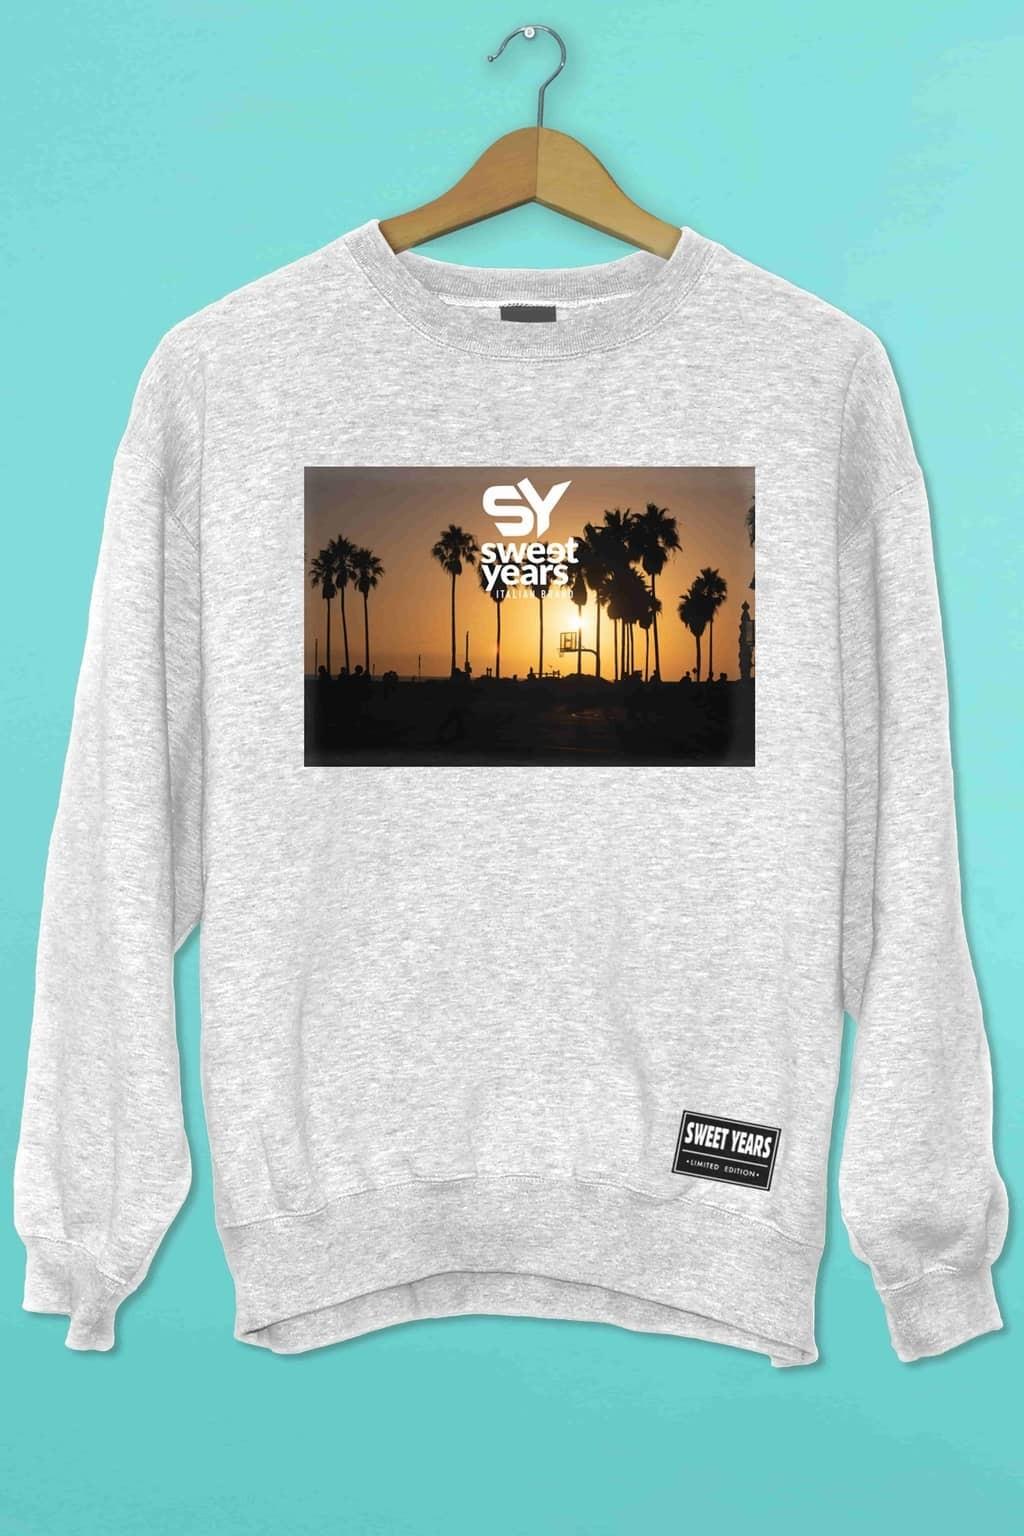 Felpa girocollo grigio melange Sweet Years con stampa multicolor tramonto con palme.